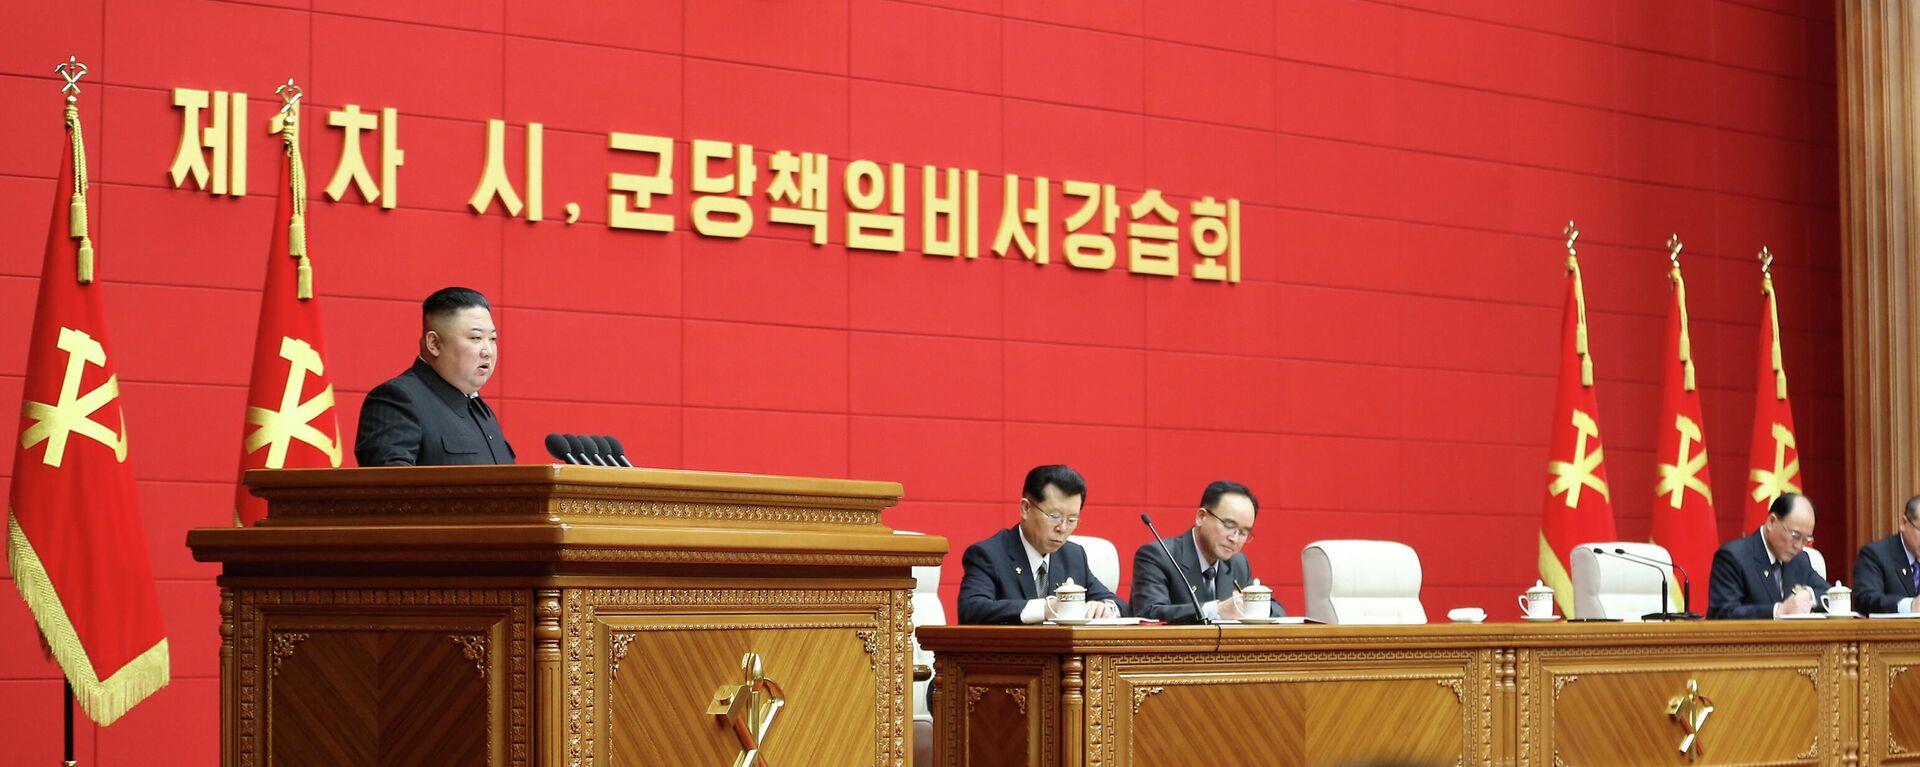 Nordkoreas Staatshef Kim Jong Un spricht bei dem ersten Lehrgang für Chefsekretäre der Stadt- und Kreisparteikomitees in Pjöngjang, Nordkorea. (Das BIld wurde am 7. März 2021 von Nordkoreas Koreanischer Zentraler Nachrichtenagentur (KCNA) veröffentlicht) - SNA, 1920, 14.03.2021